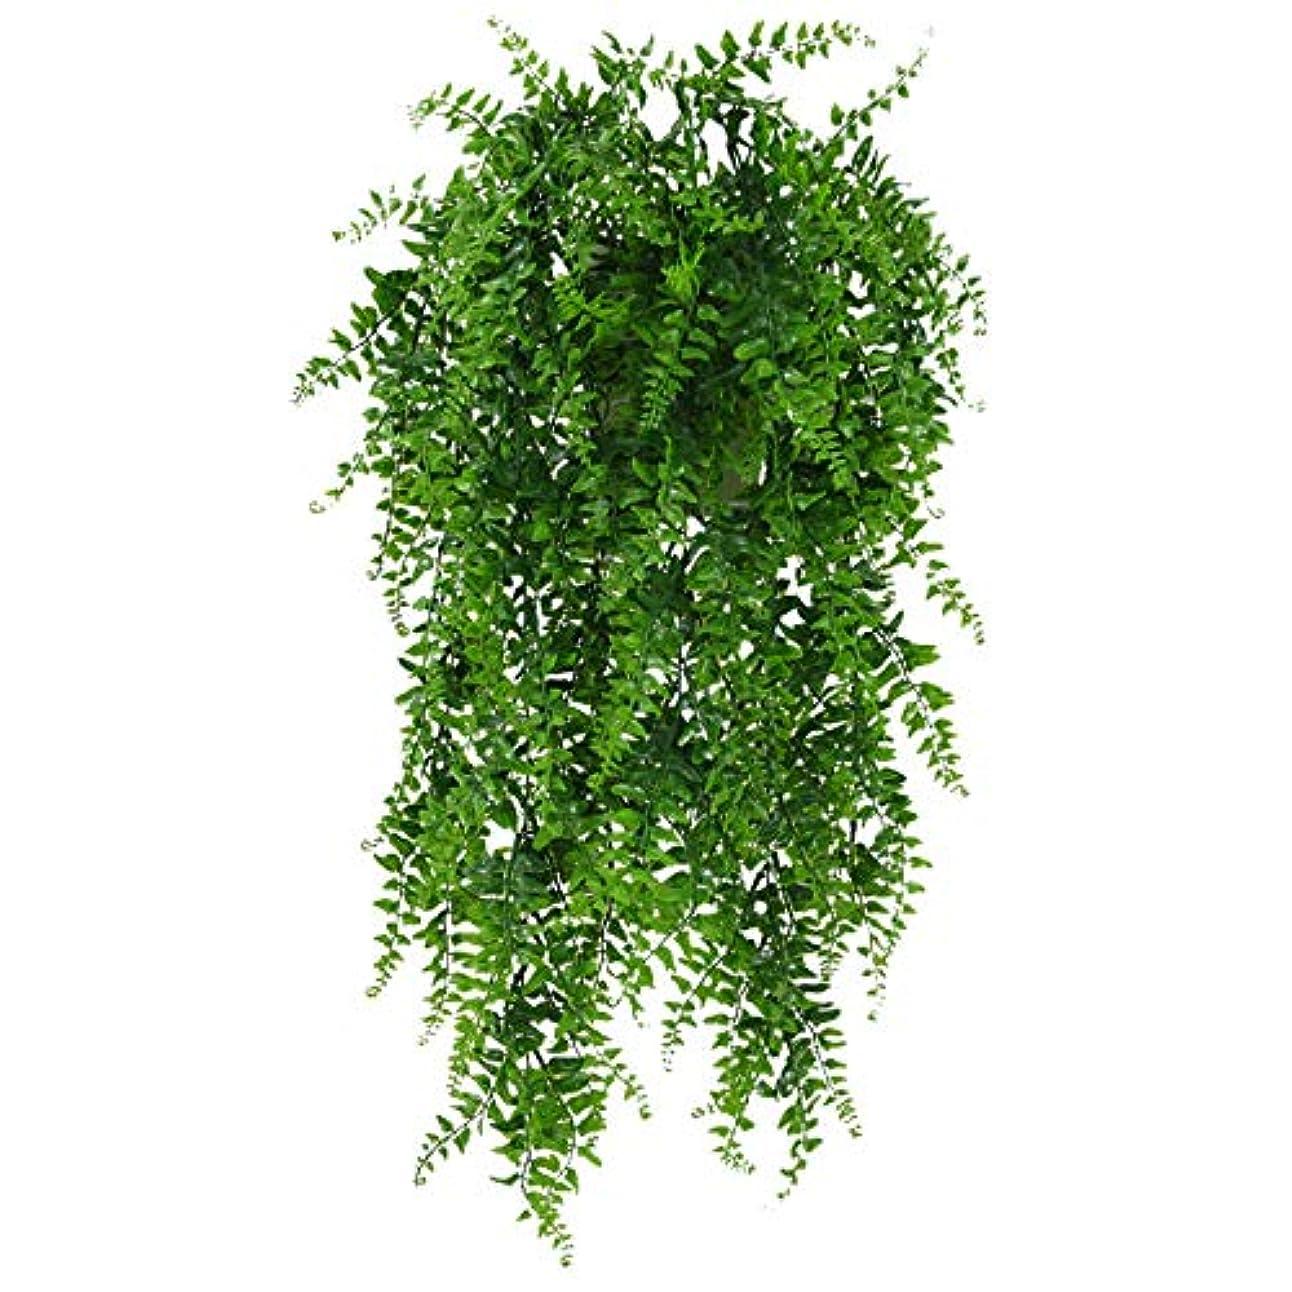 芸術的アルコールその結果人工観葉植物 壁掛け フェイクグリーン インテリア飾り 枯れないグリーン アイビー 吊りのインテリア飾り人工植物 飾り 植物装飾 葉 藤 緑 ホーム オフィス ベランダ ガーデン パーティー 結婚式 (緑, 全長: 85cm)